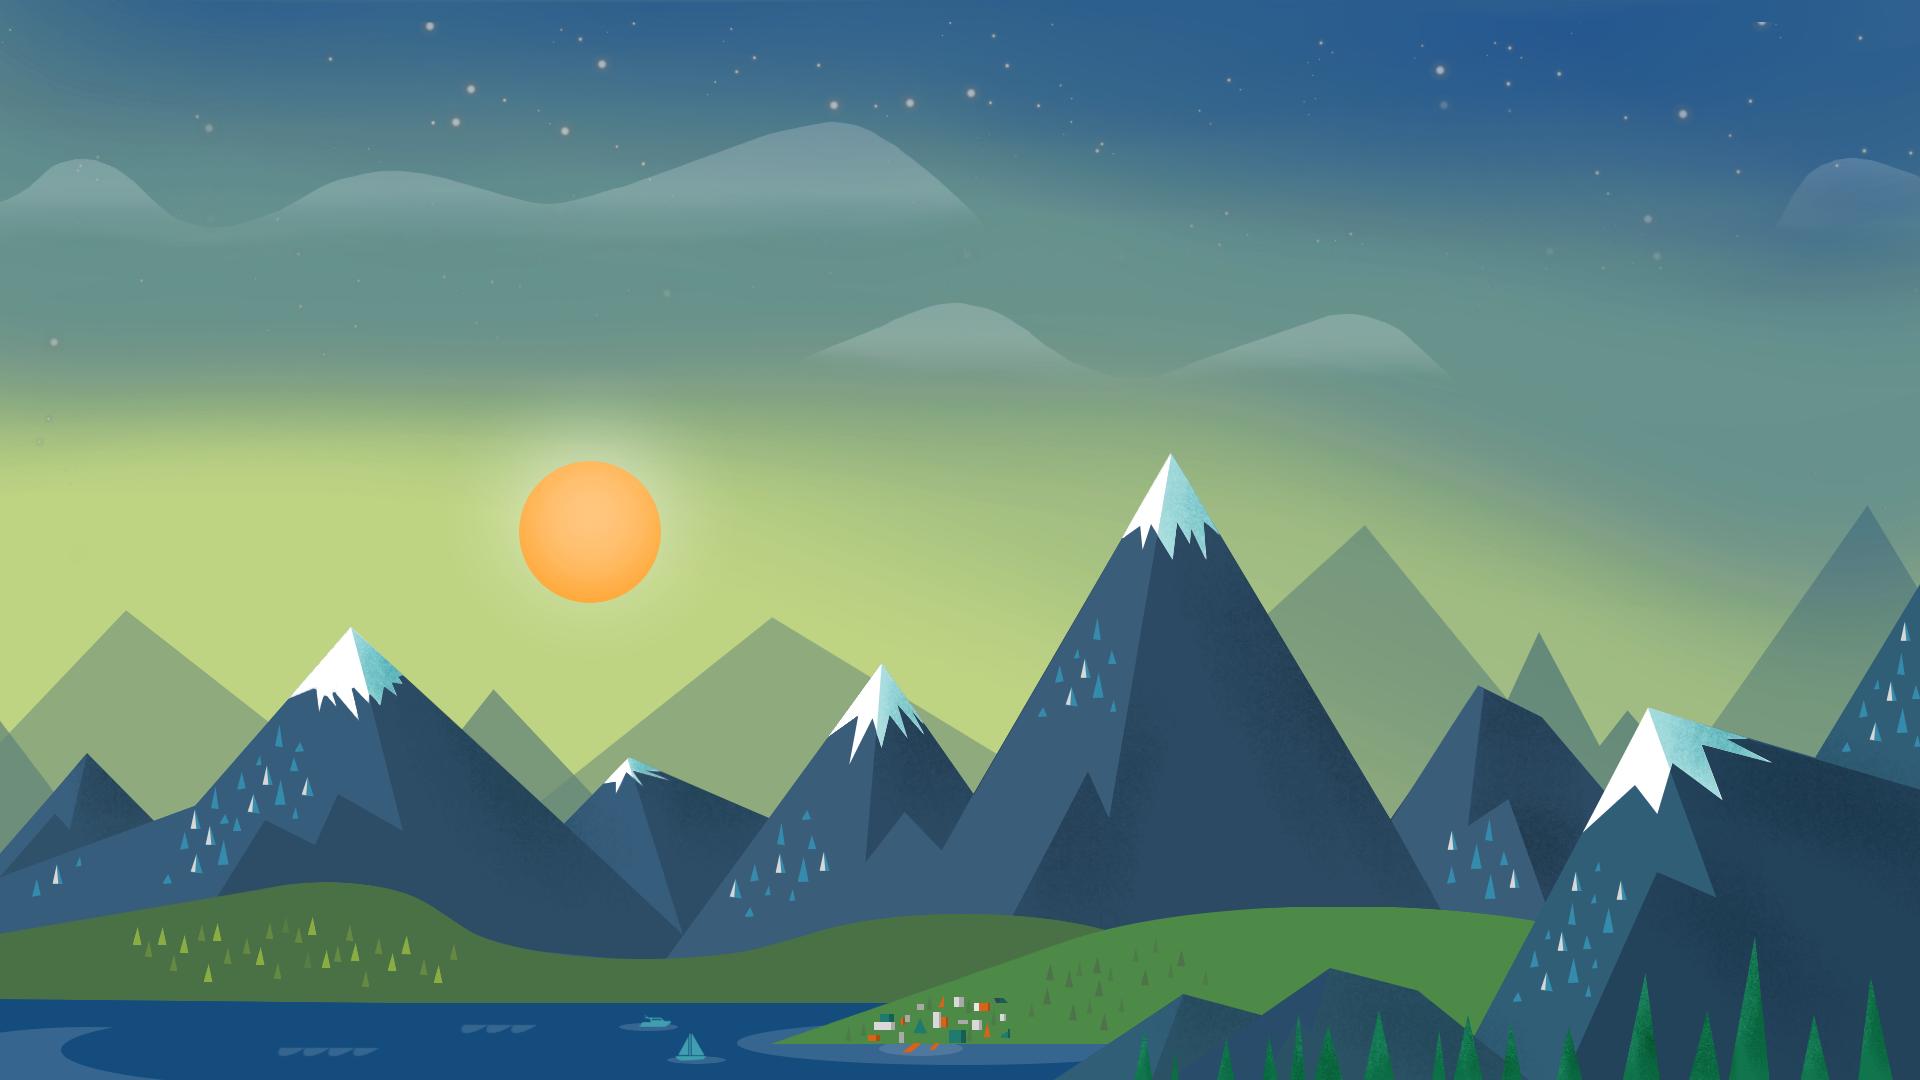 google wallpaper desktop for